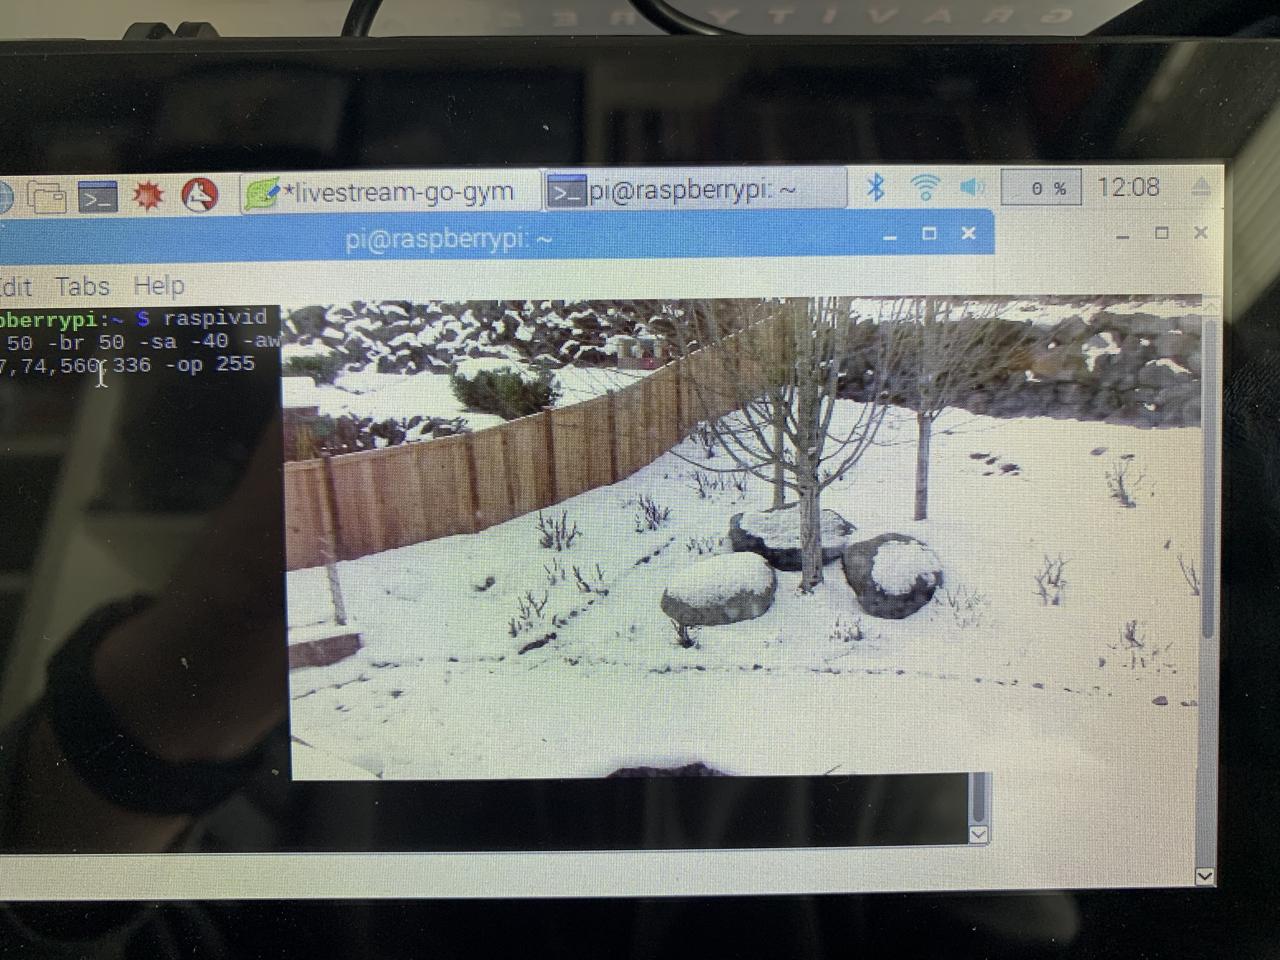 Clean video signal